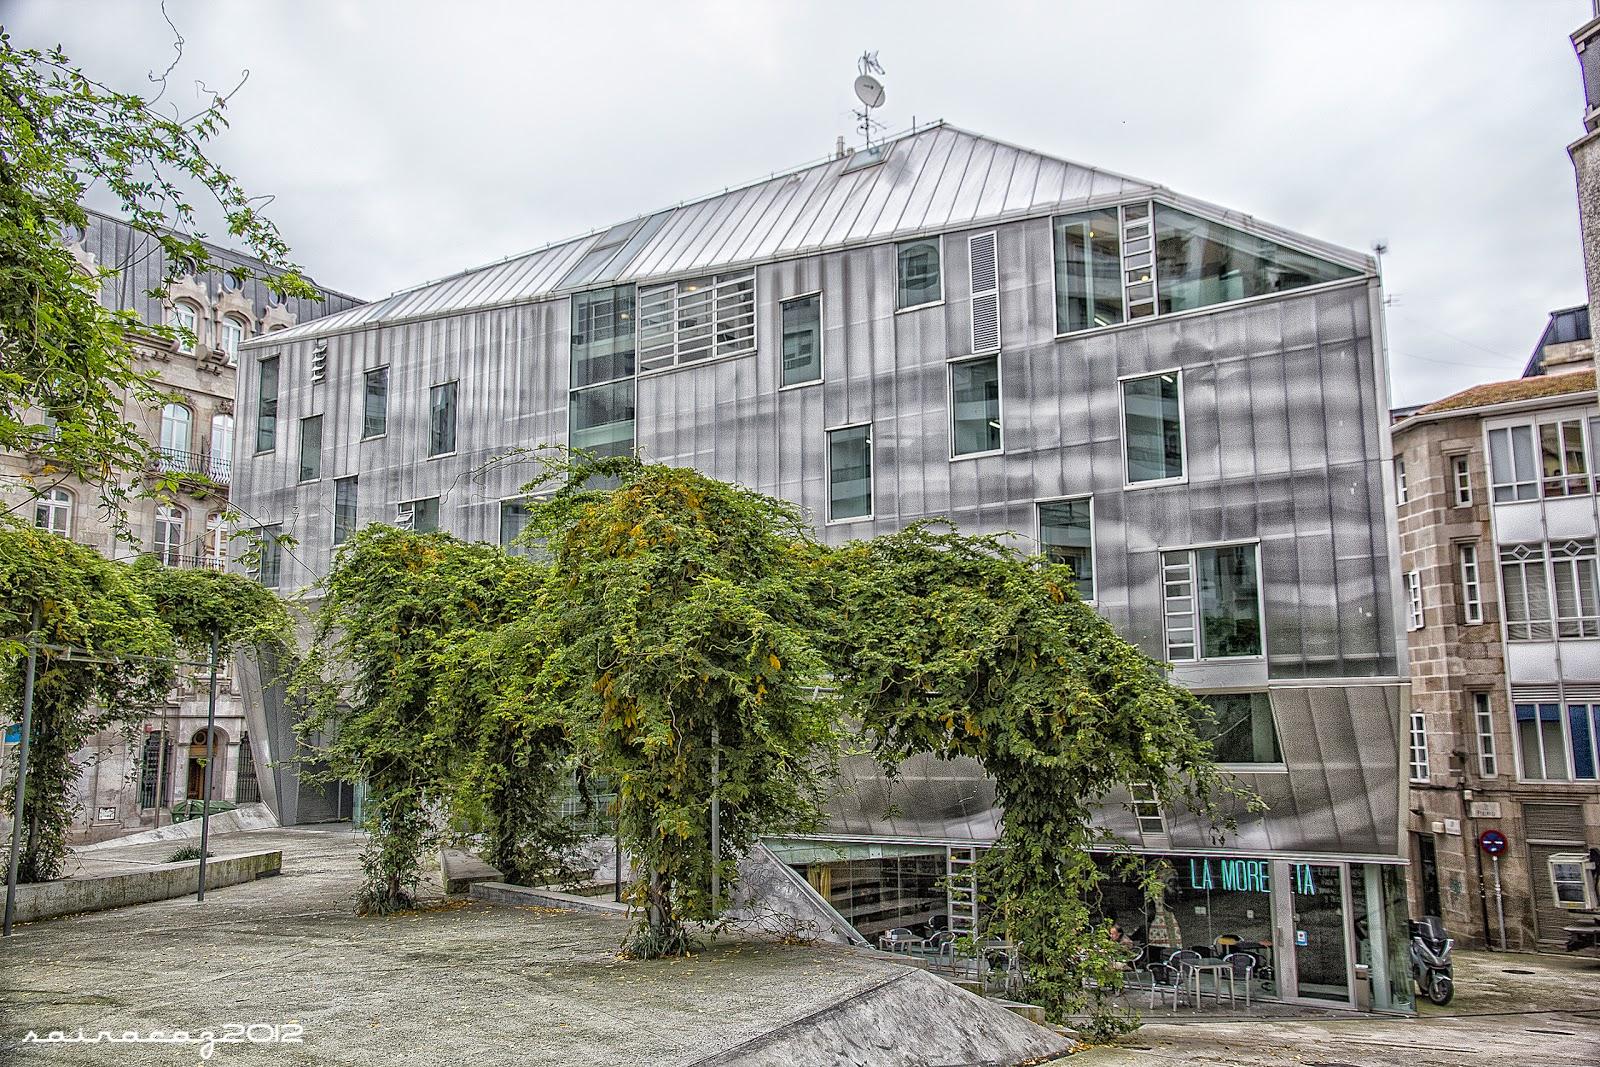 Vigo by sairacaz sede del colegio de arquitectos - Colegio de arquitectos de lleida ...